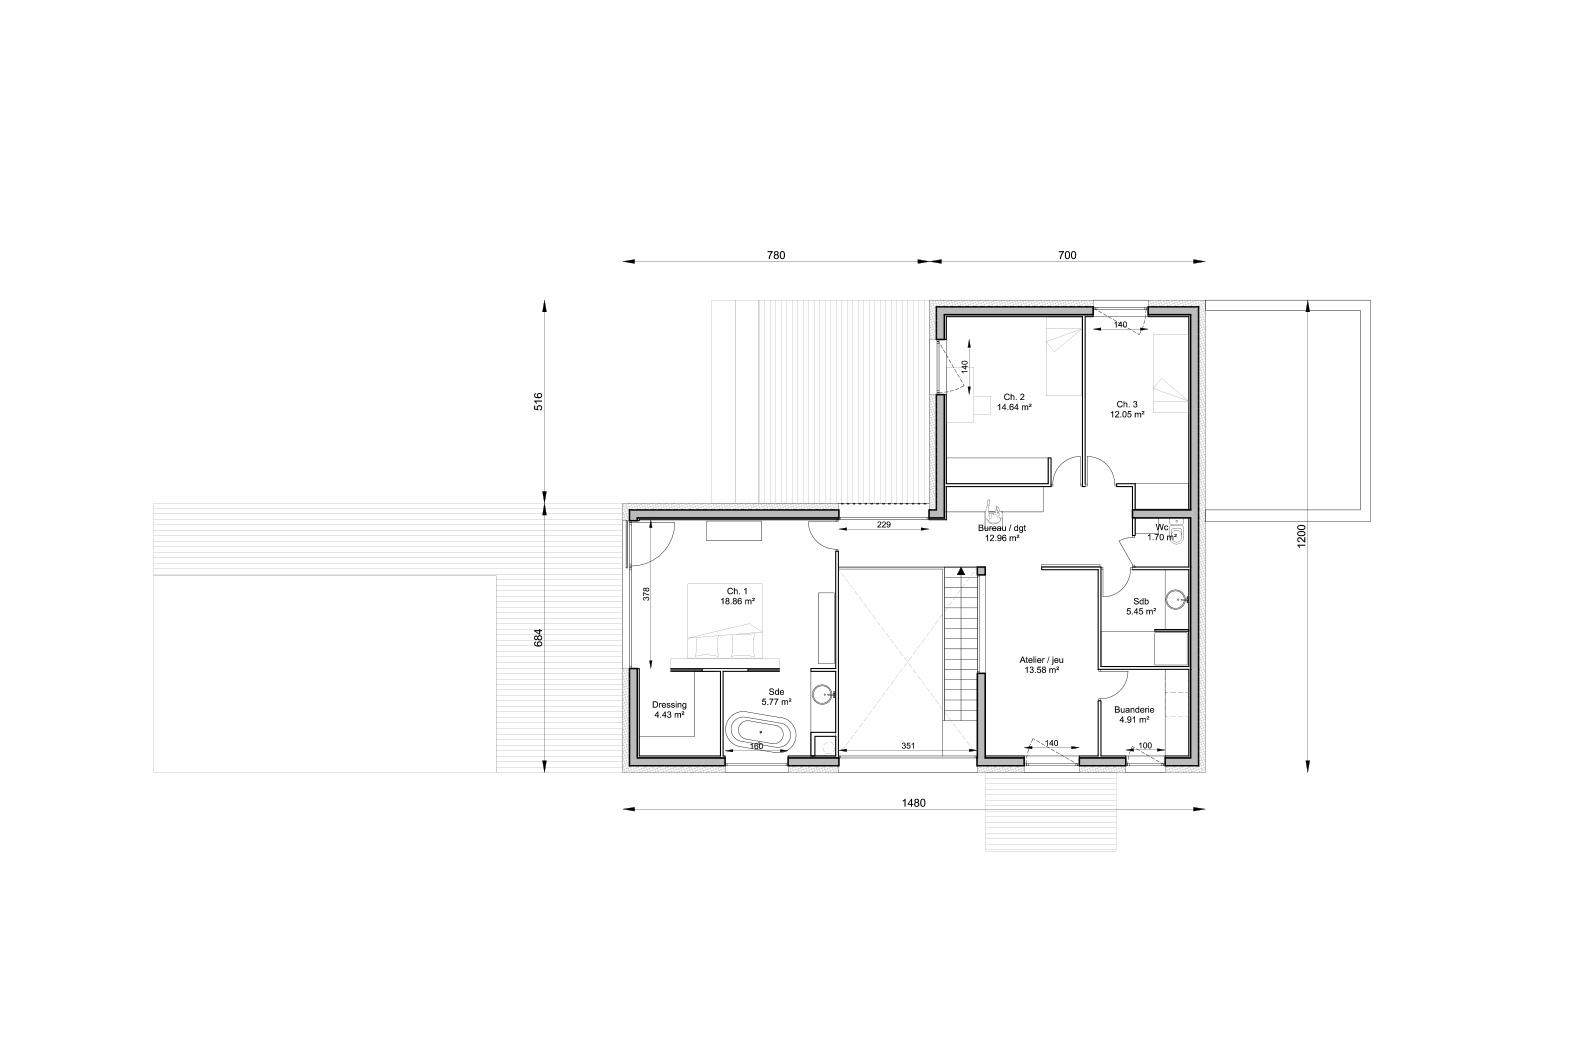 Schéma-concept-architecte-croquis_Plan-R+1_2